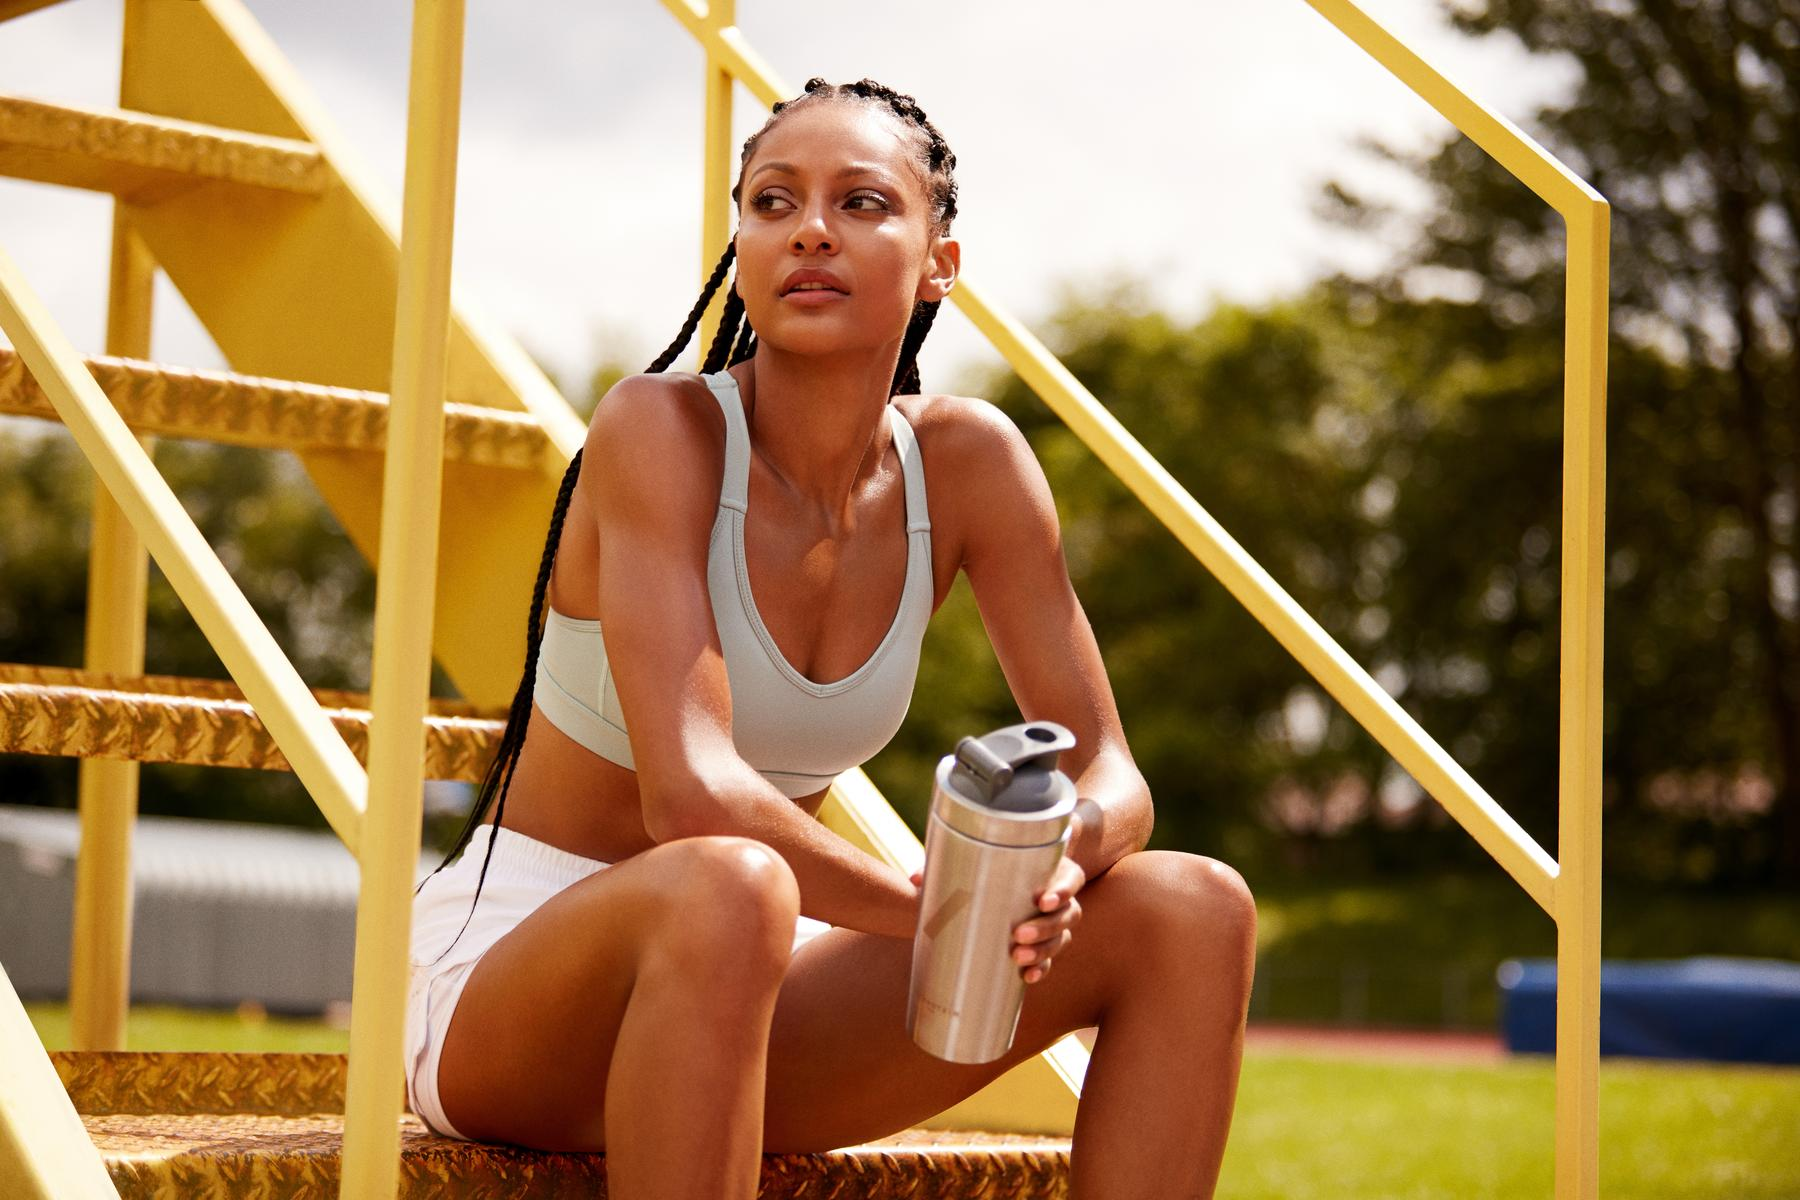 Training & Immunität, Muskelmasse erhalten sowie Technologie & Nahrungszufuhr | Die Top-Studien der Woche